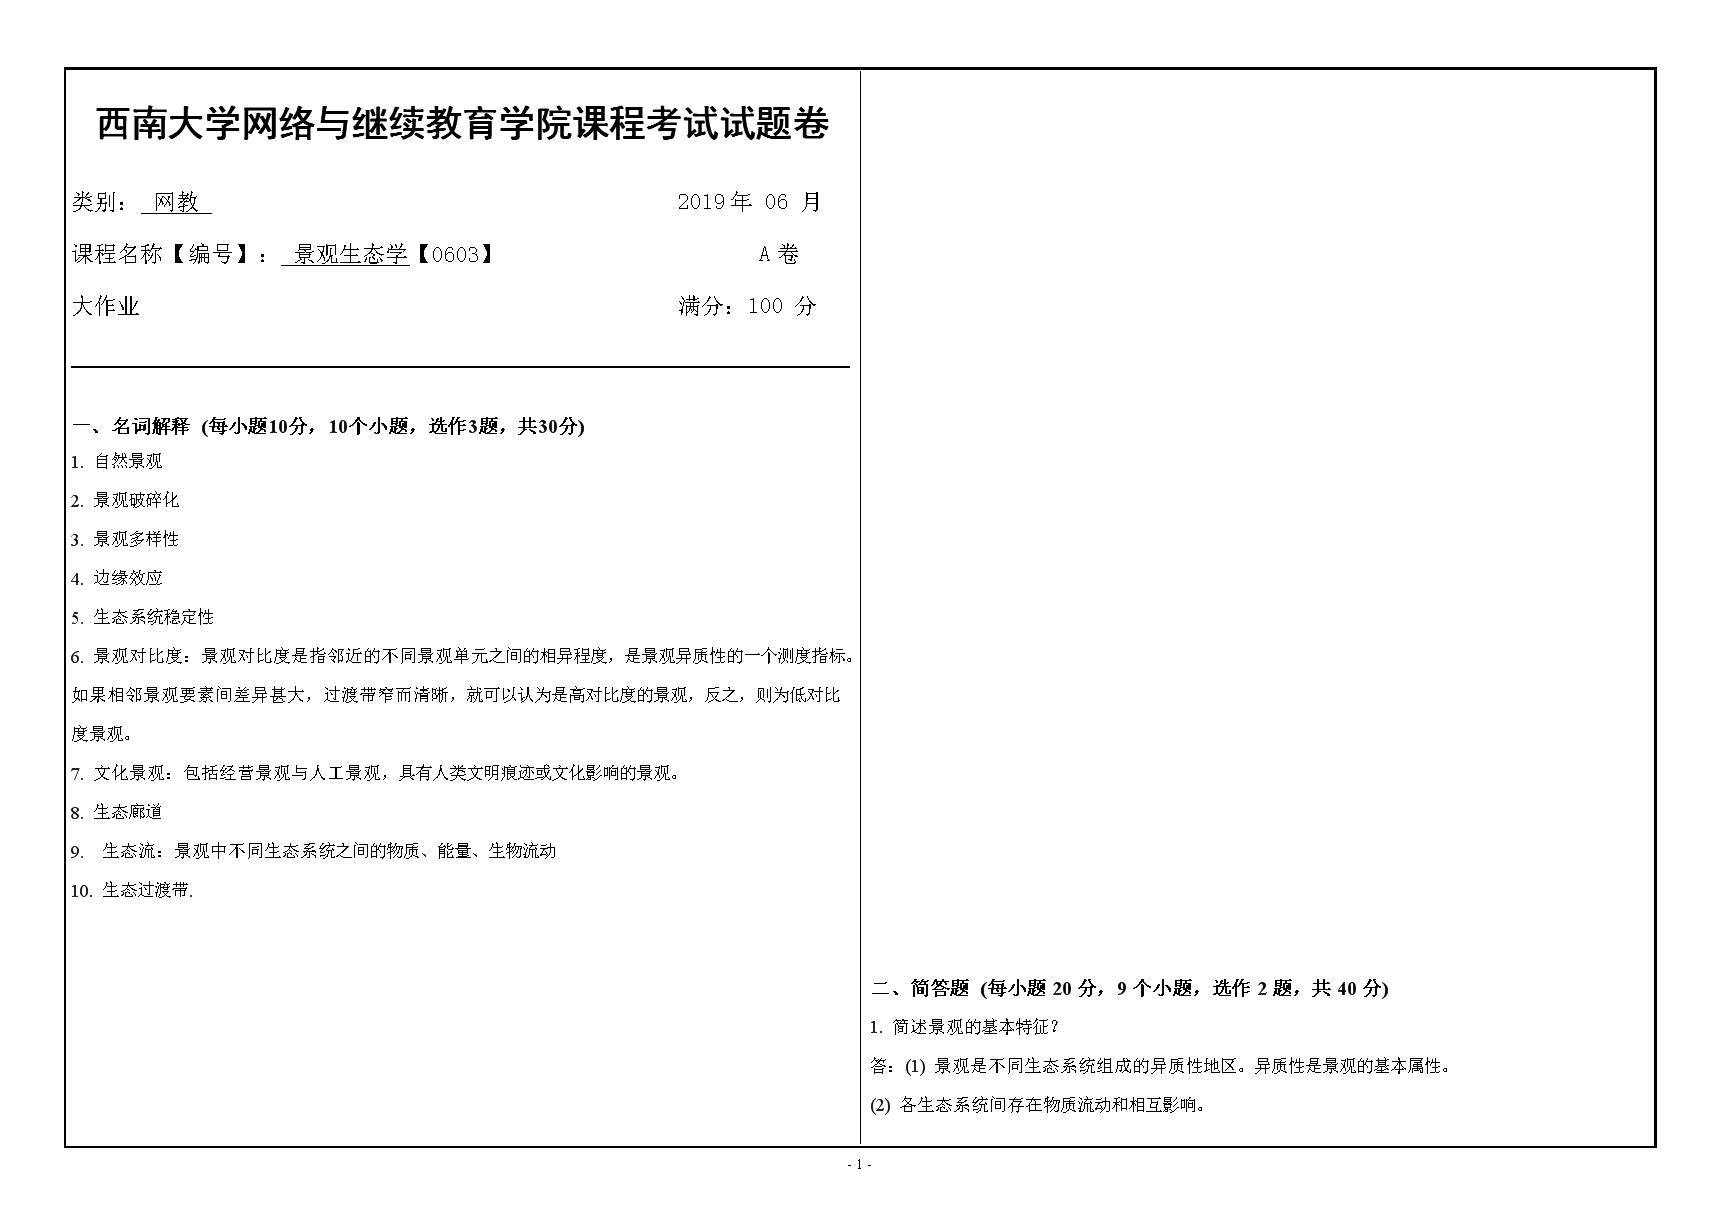 西南大学网络教育19.6月景观生态学【0603】答案.doc